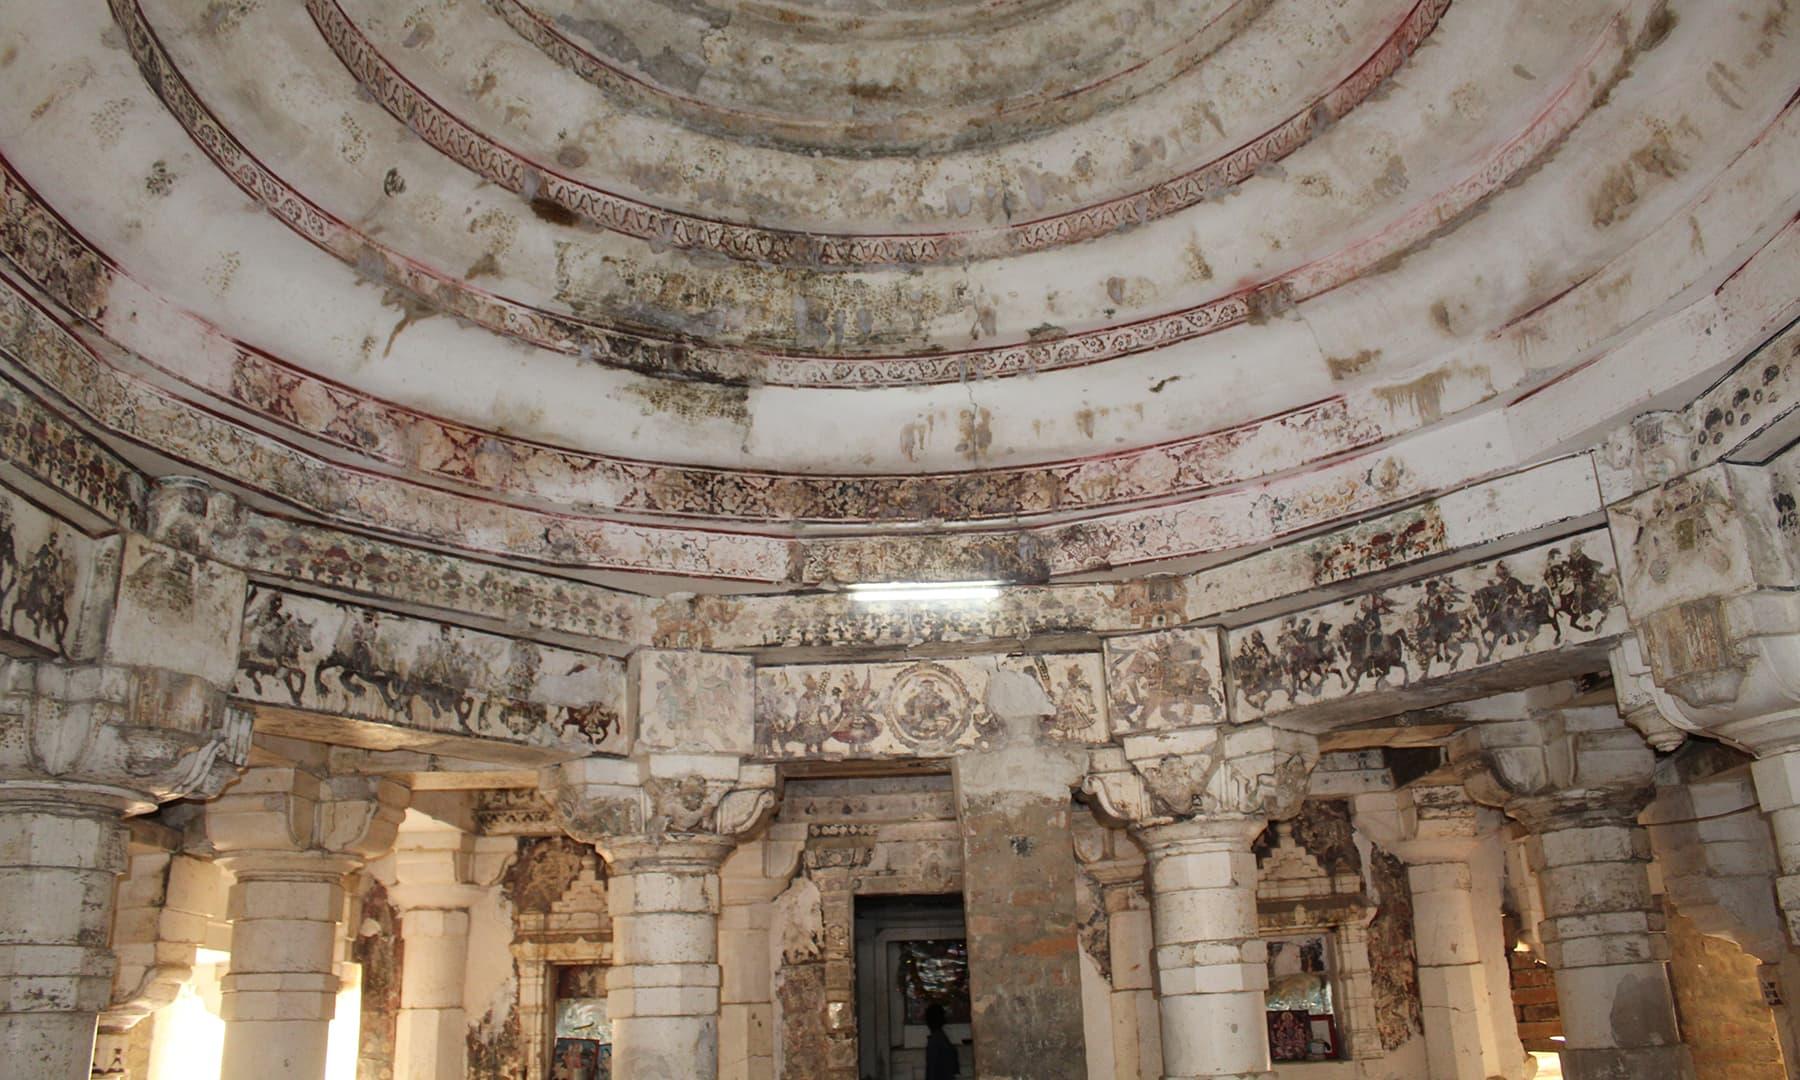 گوڑی مندر کا اندرونی منظر—تصویر اختر حفیظ